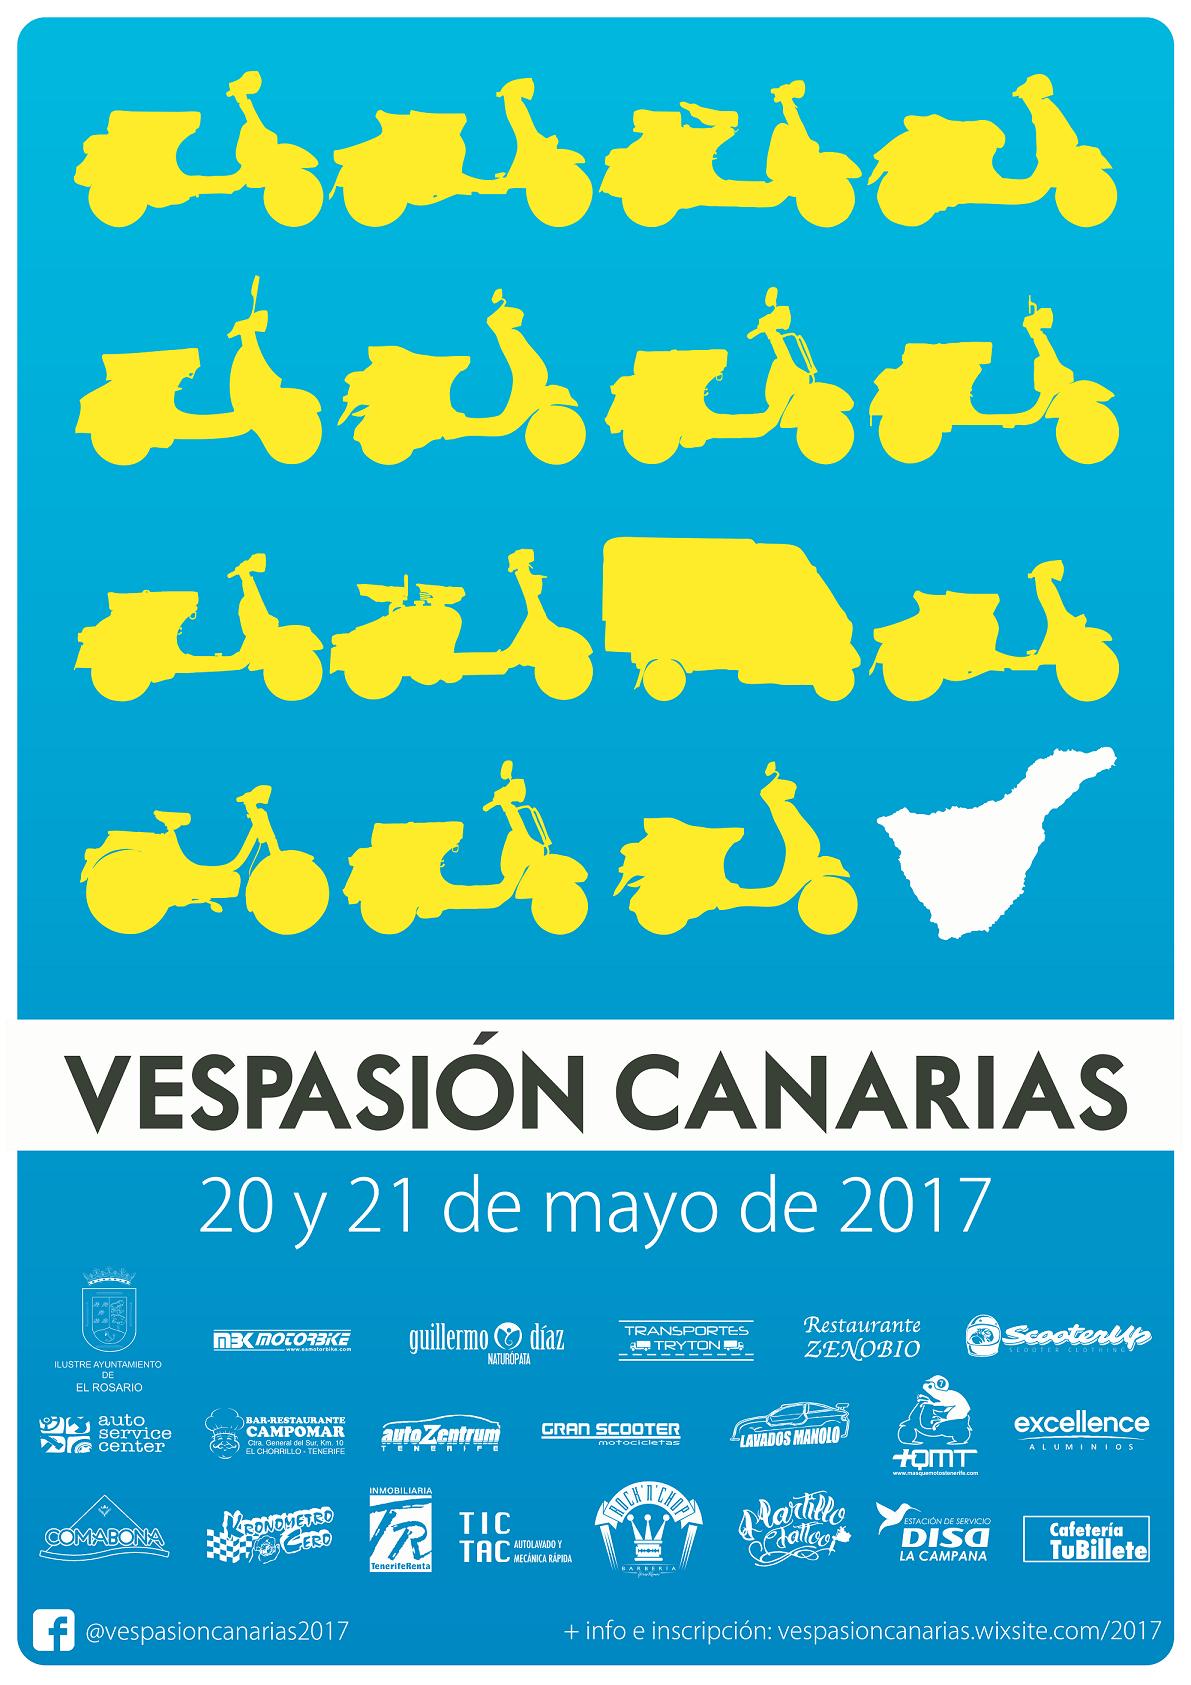 7-03-2017 cartel_vespasion_canarias2017 - copia